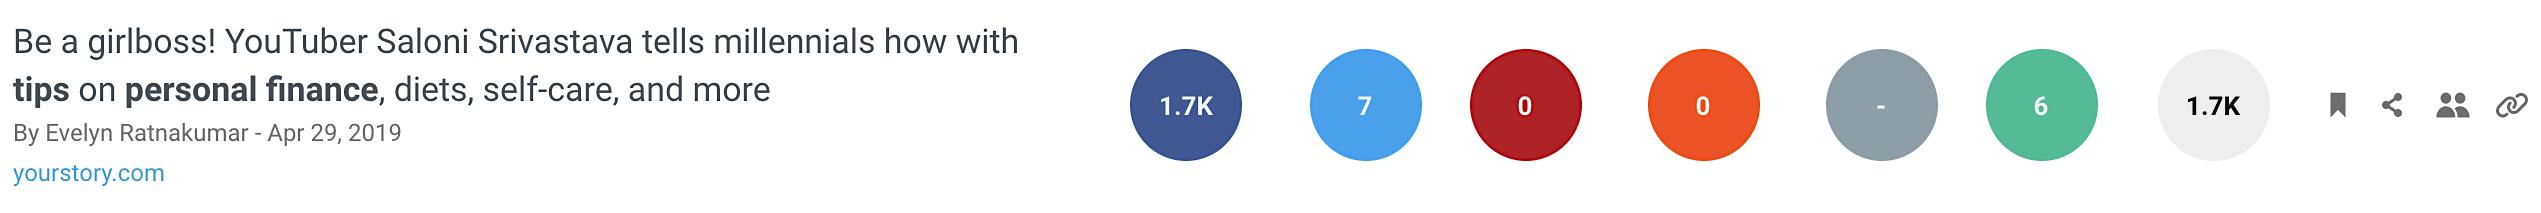 Buzzsumo-social-shares